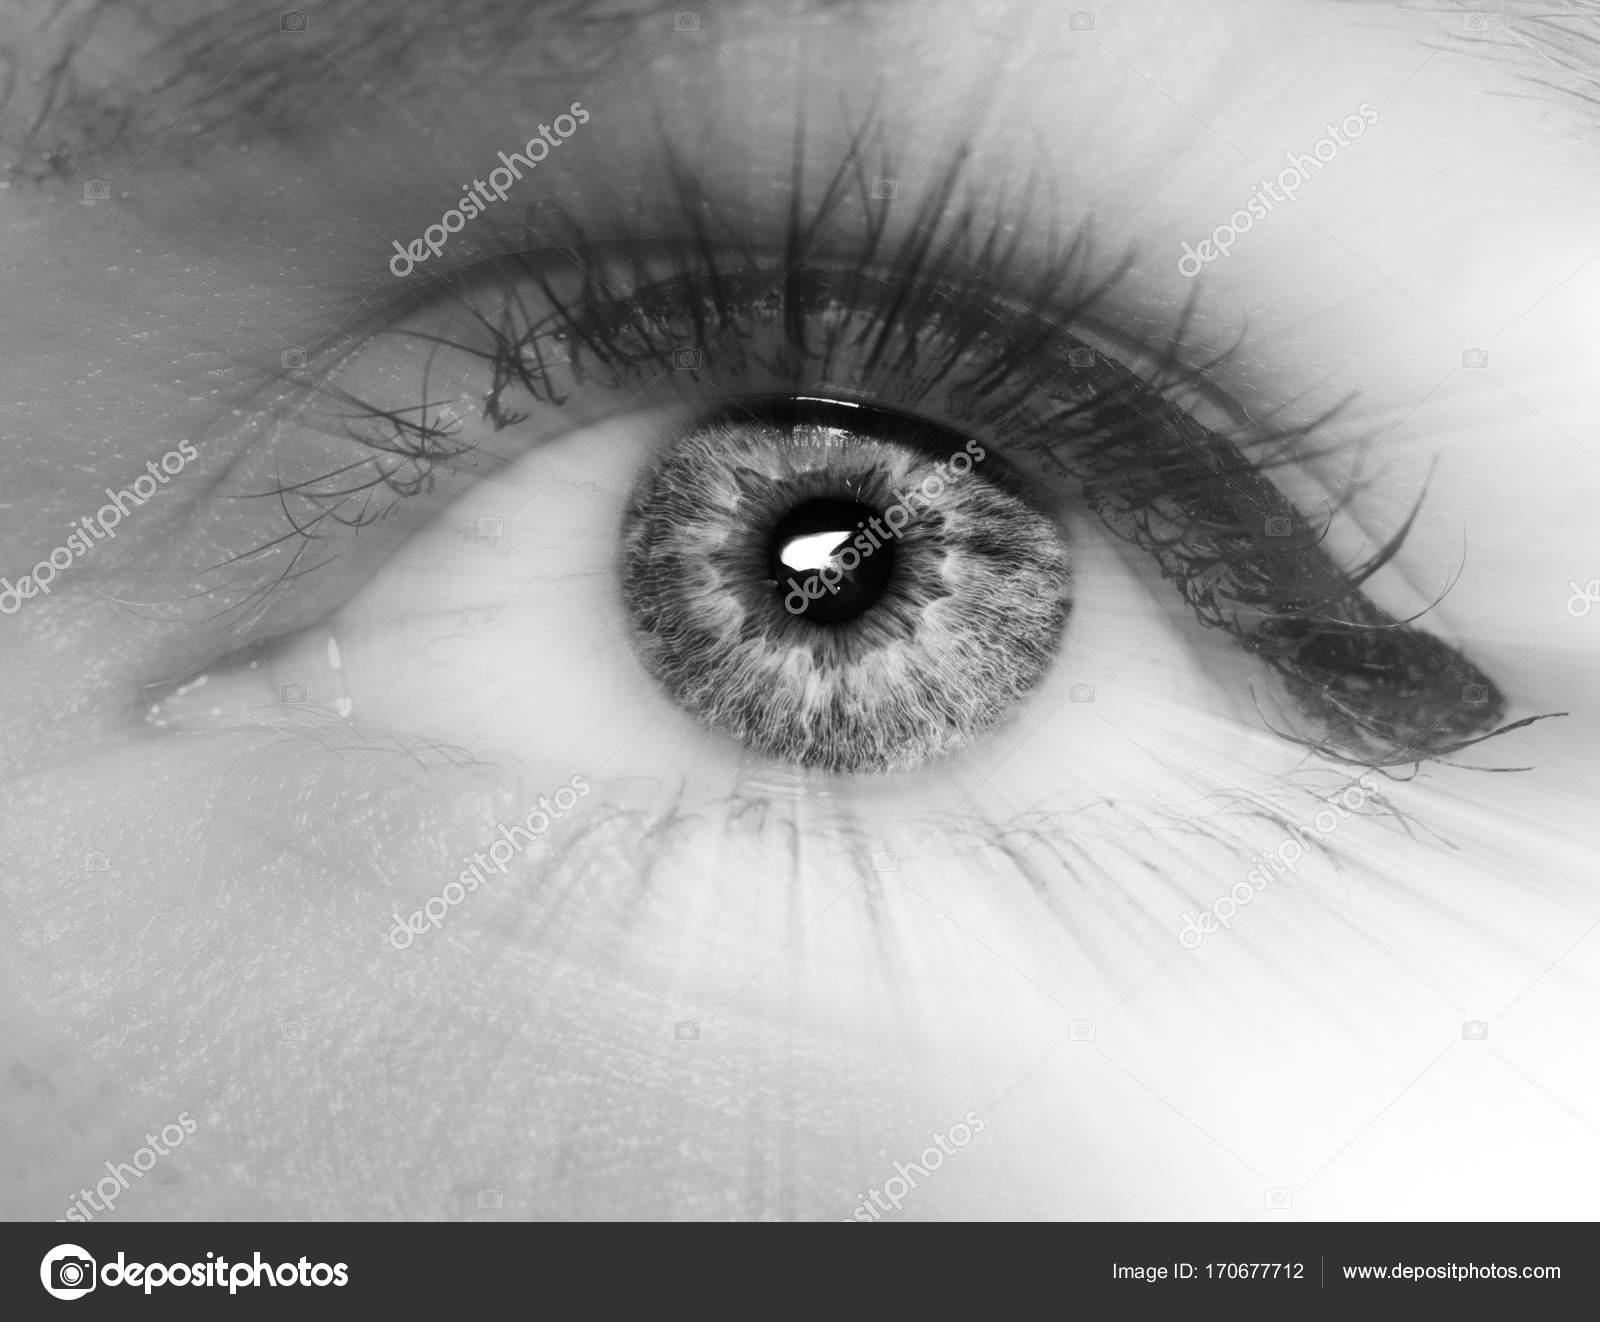 Fotos Ojos En Blanco Y Negro Ojos Hermosos En Blanco Y Negro Con